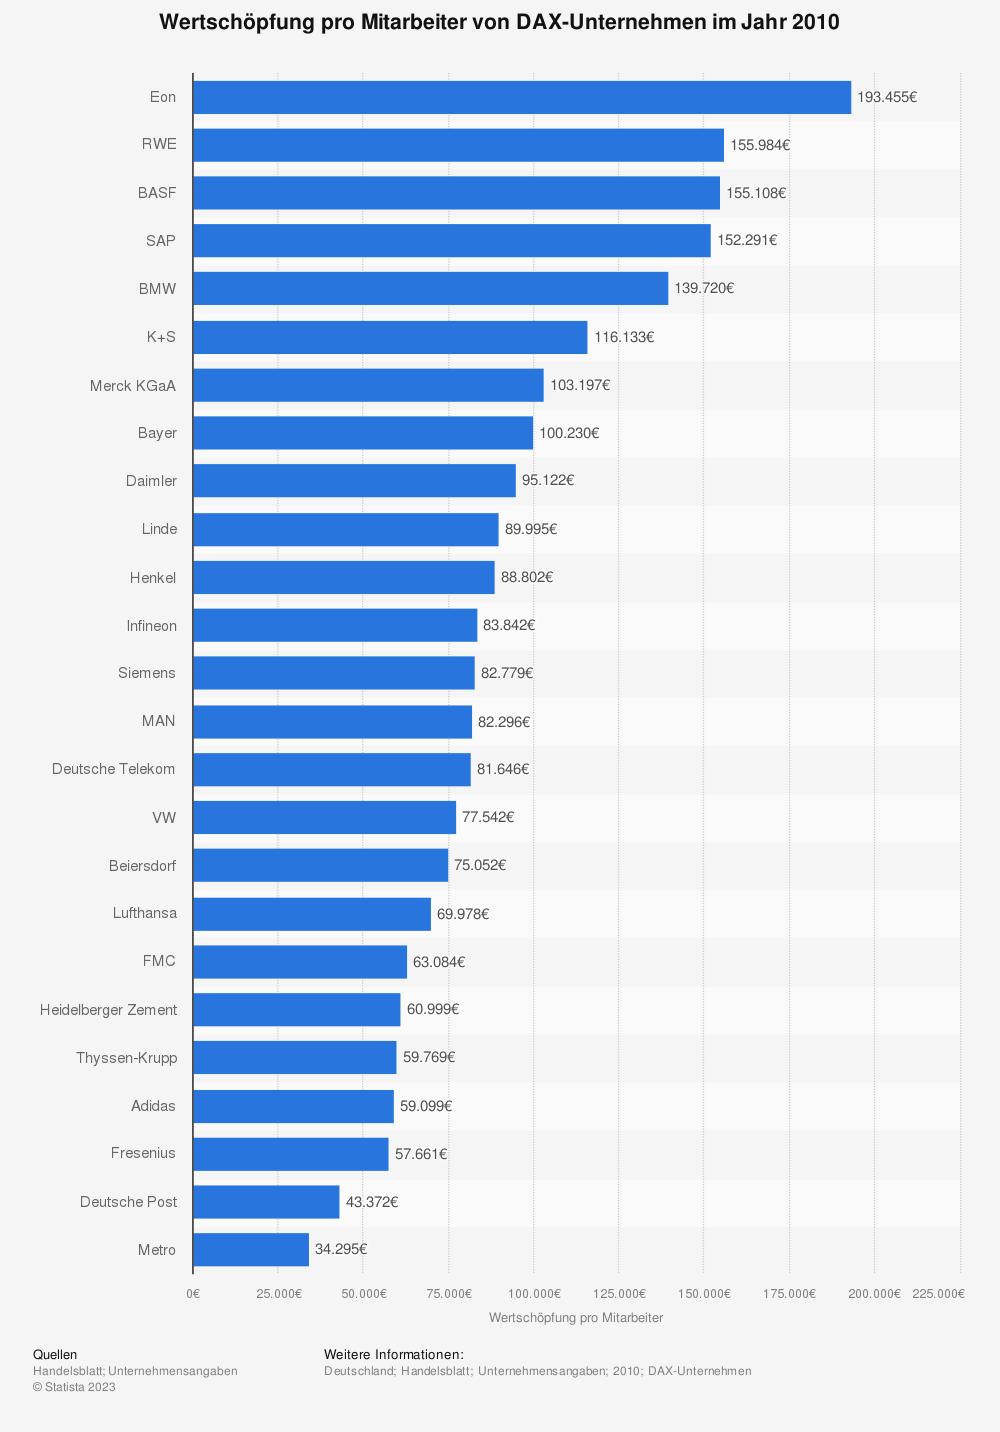 Statistik: Wertschöpfung pro Mitarbeiter von DAX-Unternehmen im Jahr 2010 | Statista